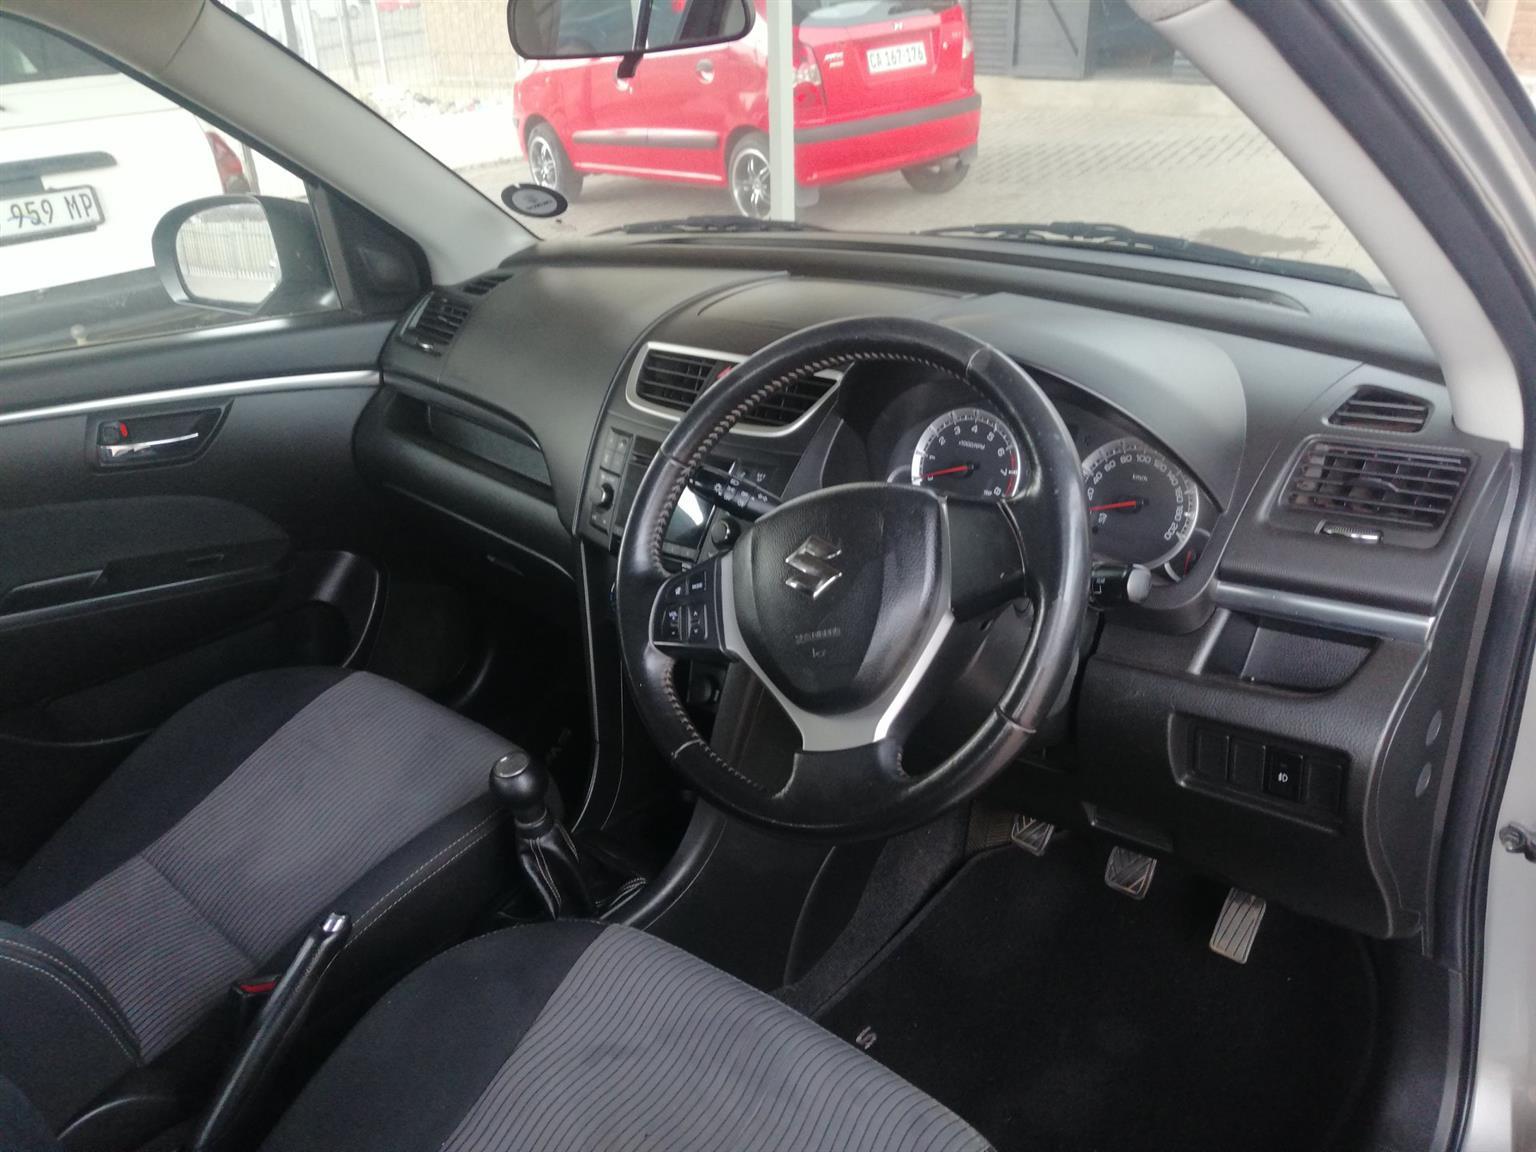 2013 Suzuki Swift hatch 1.4 GLS